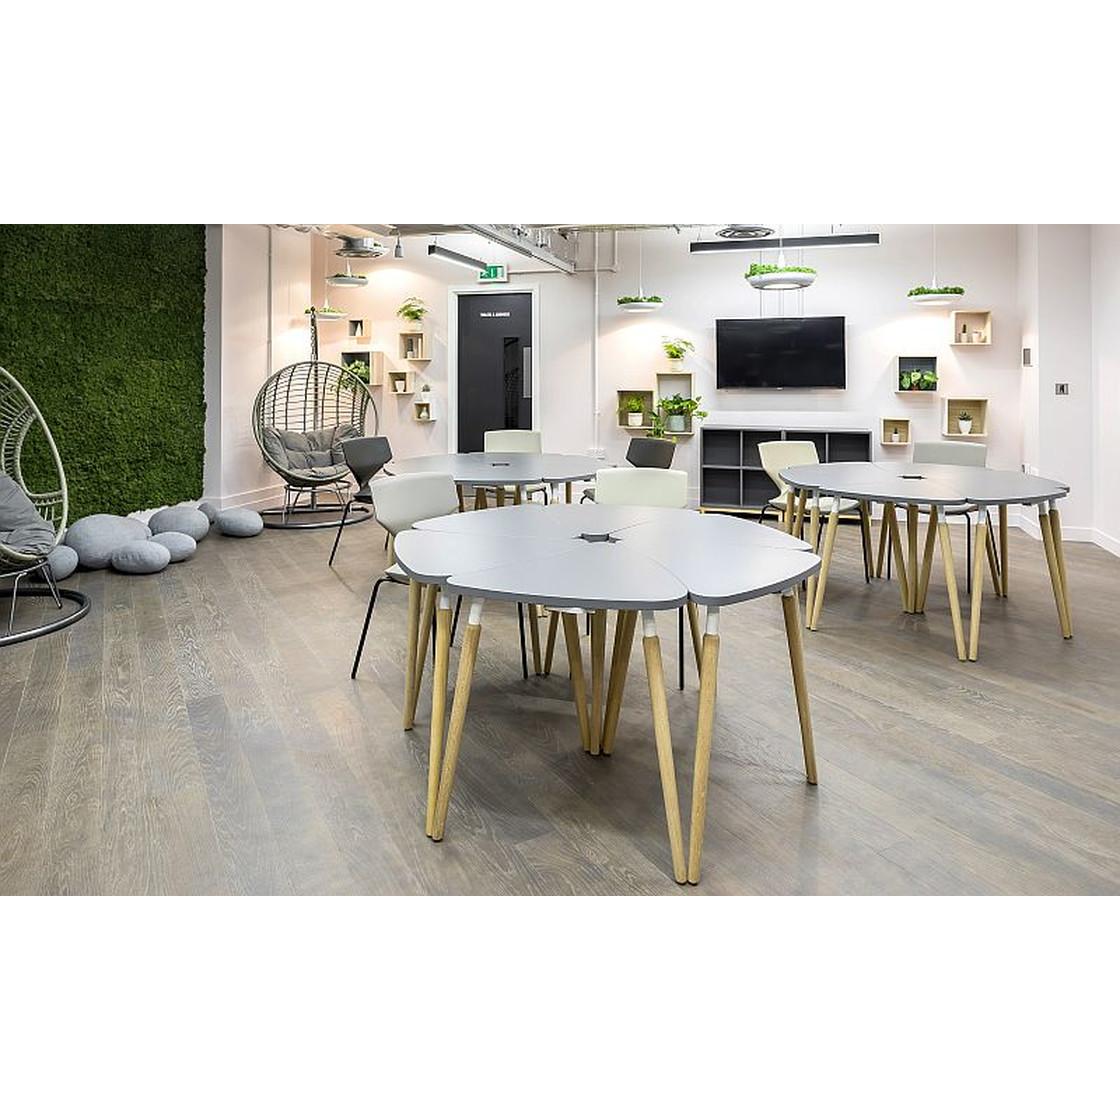 Full Size of Design Bistrotisch Esstisch Tauko Modular Table Lwm H72 Designer Esstische Holz Bett Modern Küche Industriedesign Massiv Runde Badezimmer Lampen Massivholz Esstische Esstische Design